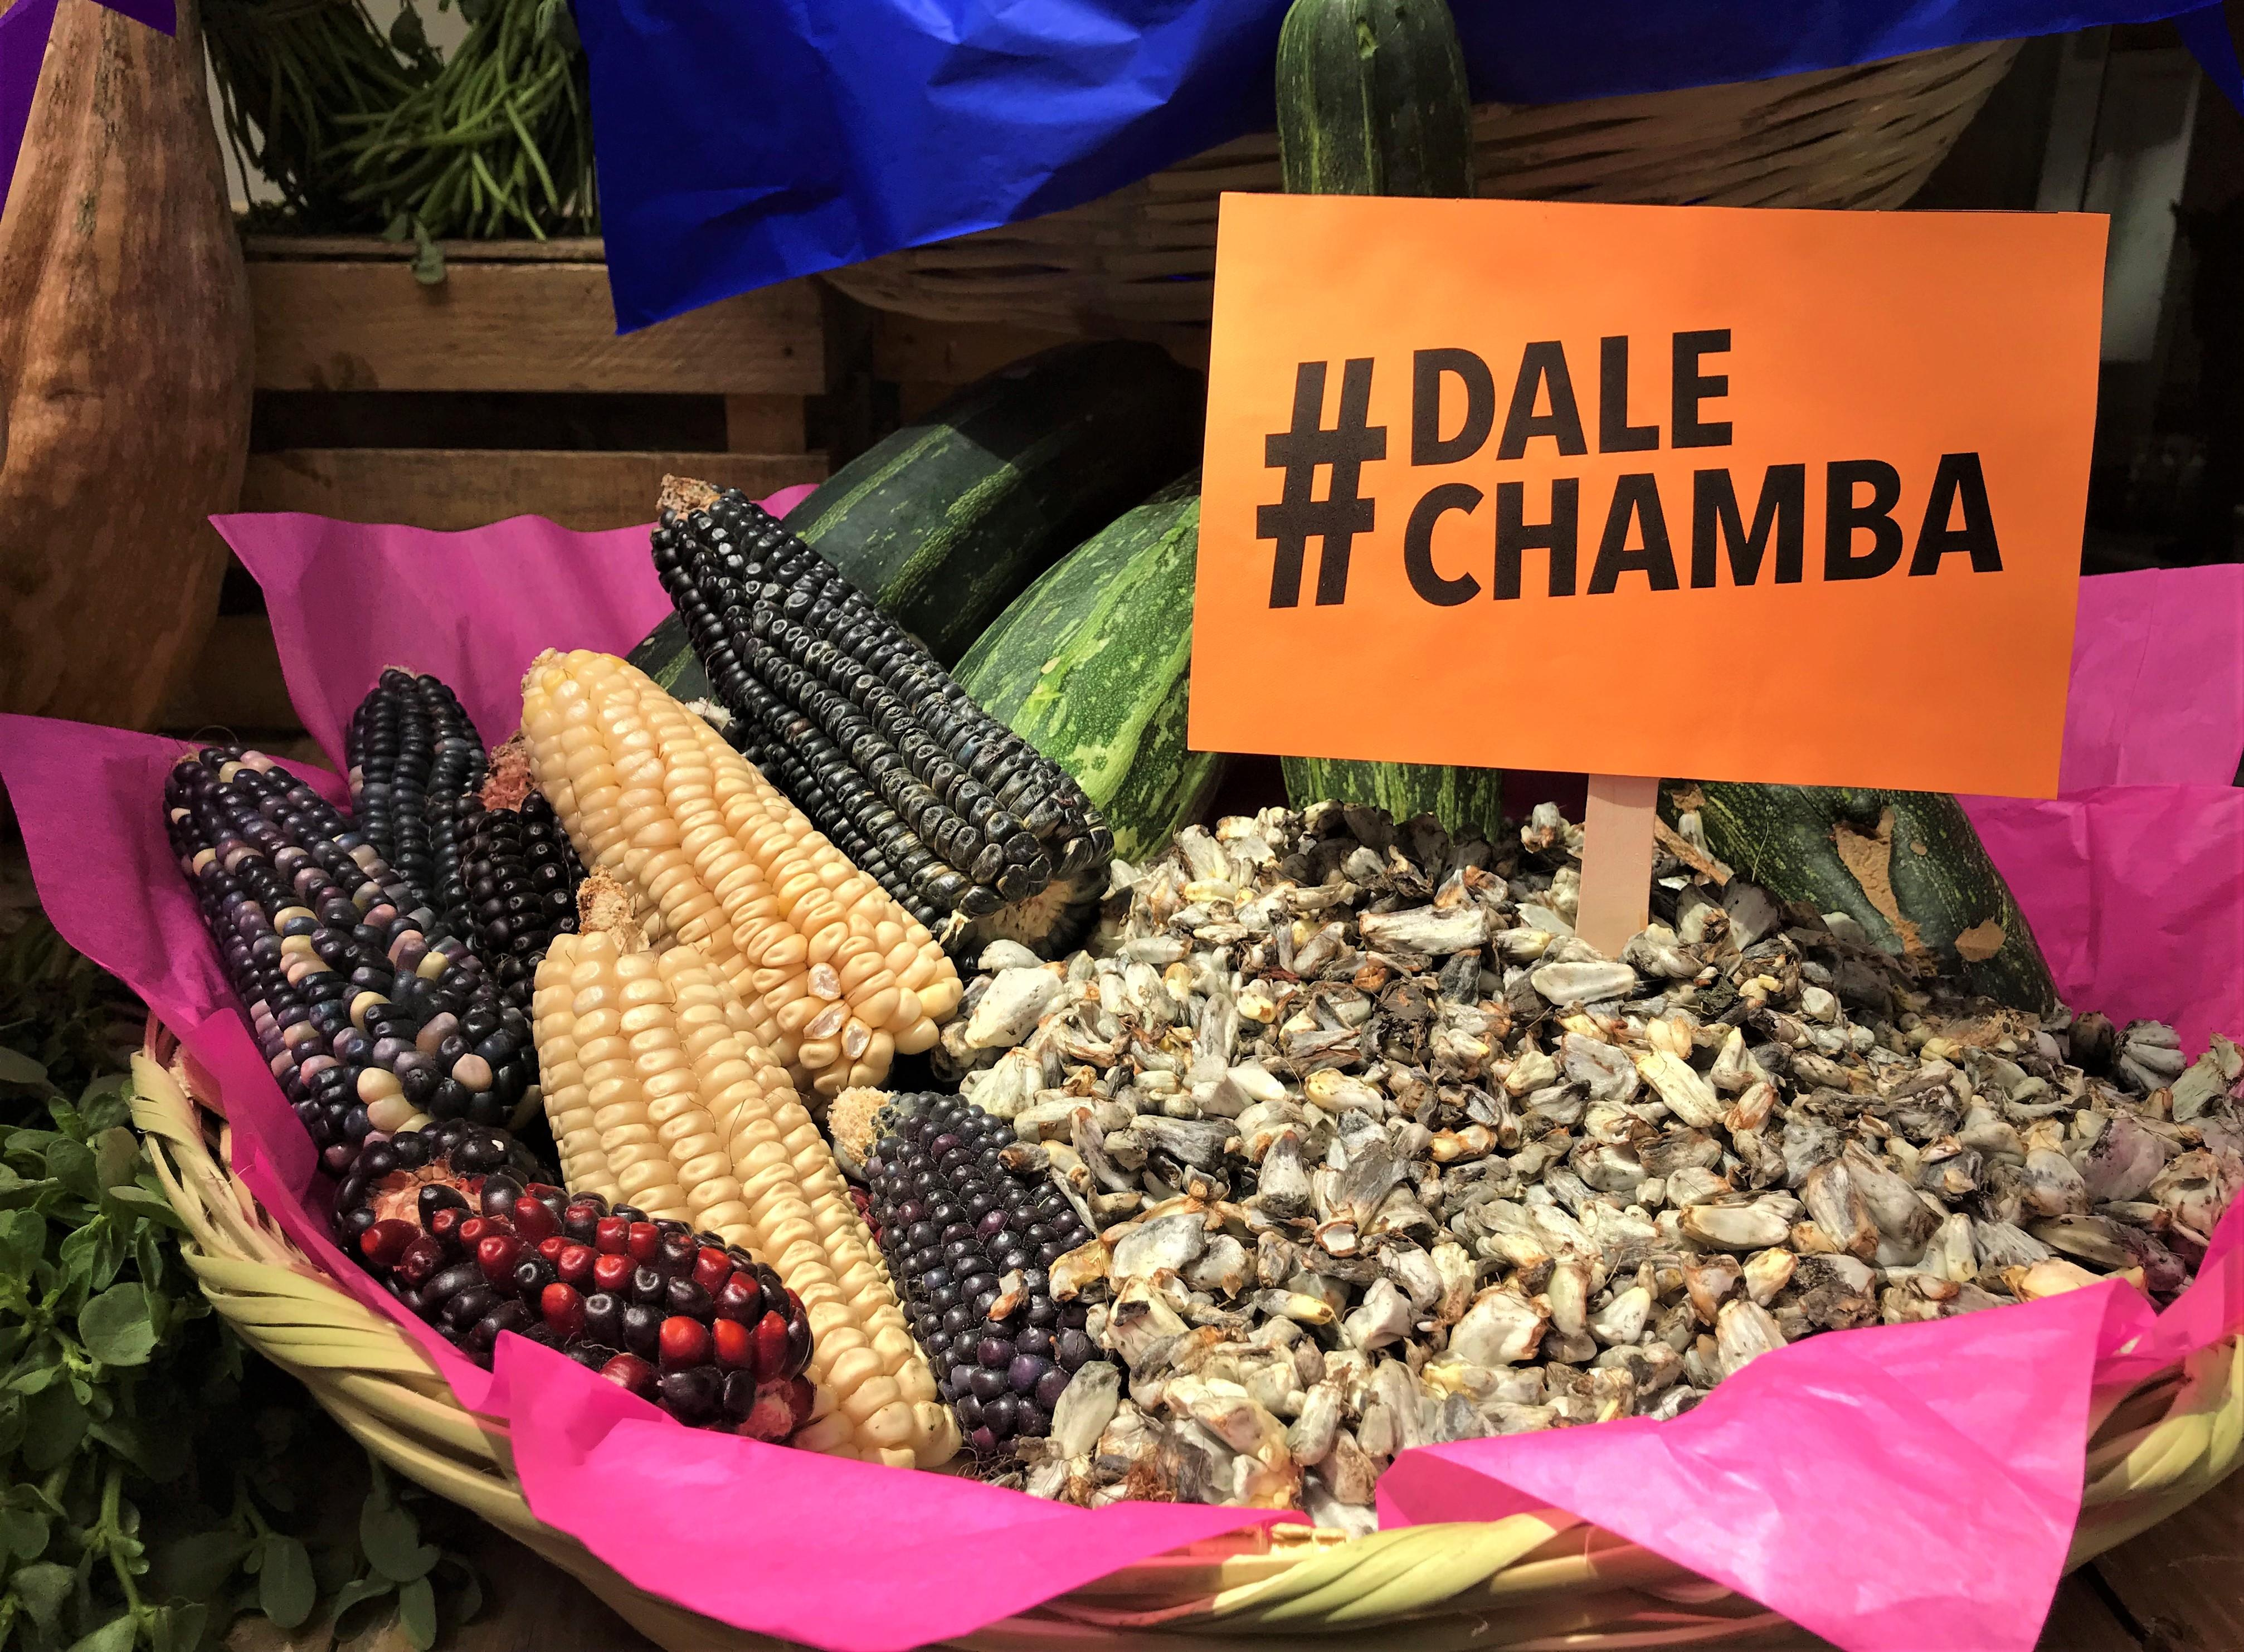 DaleChamba